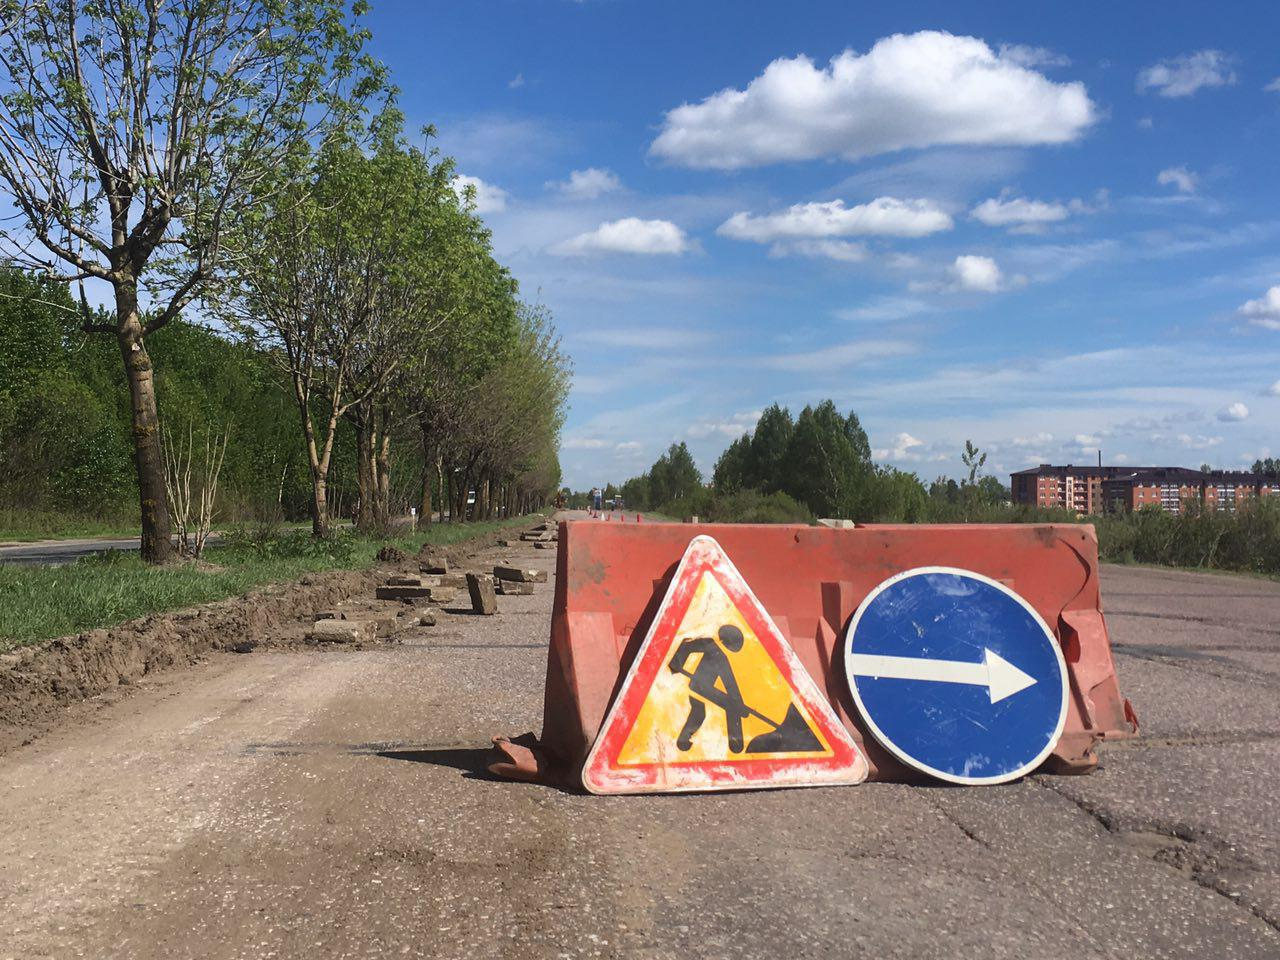 Дмитрий Миронов: На опасных участках Юго-Западной окружной дороги установим тросовые ограждения и восстановим освещение